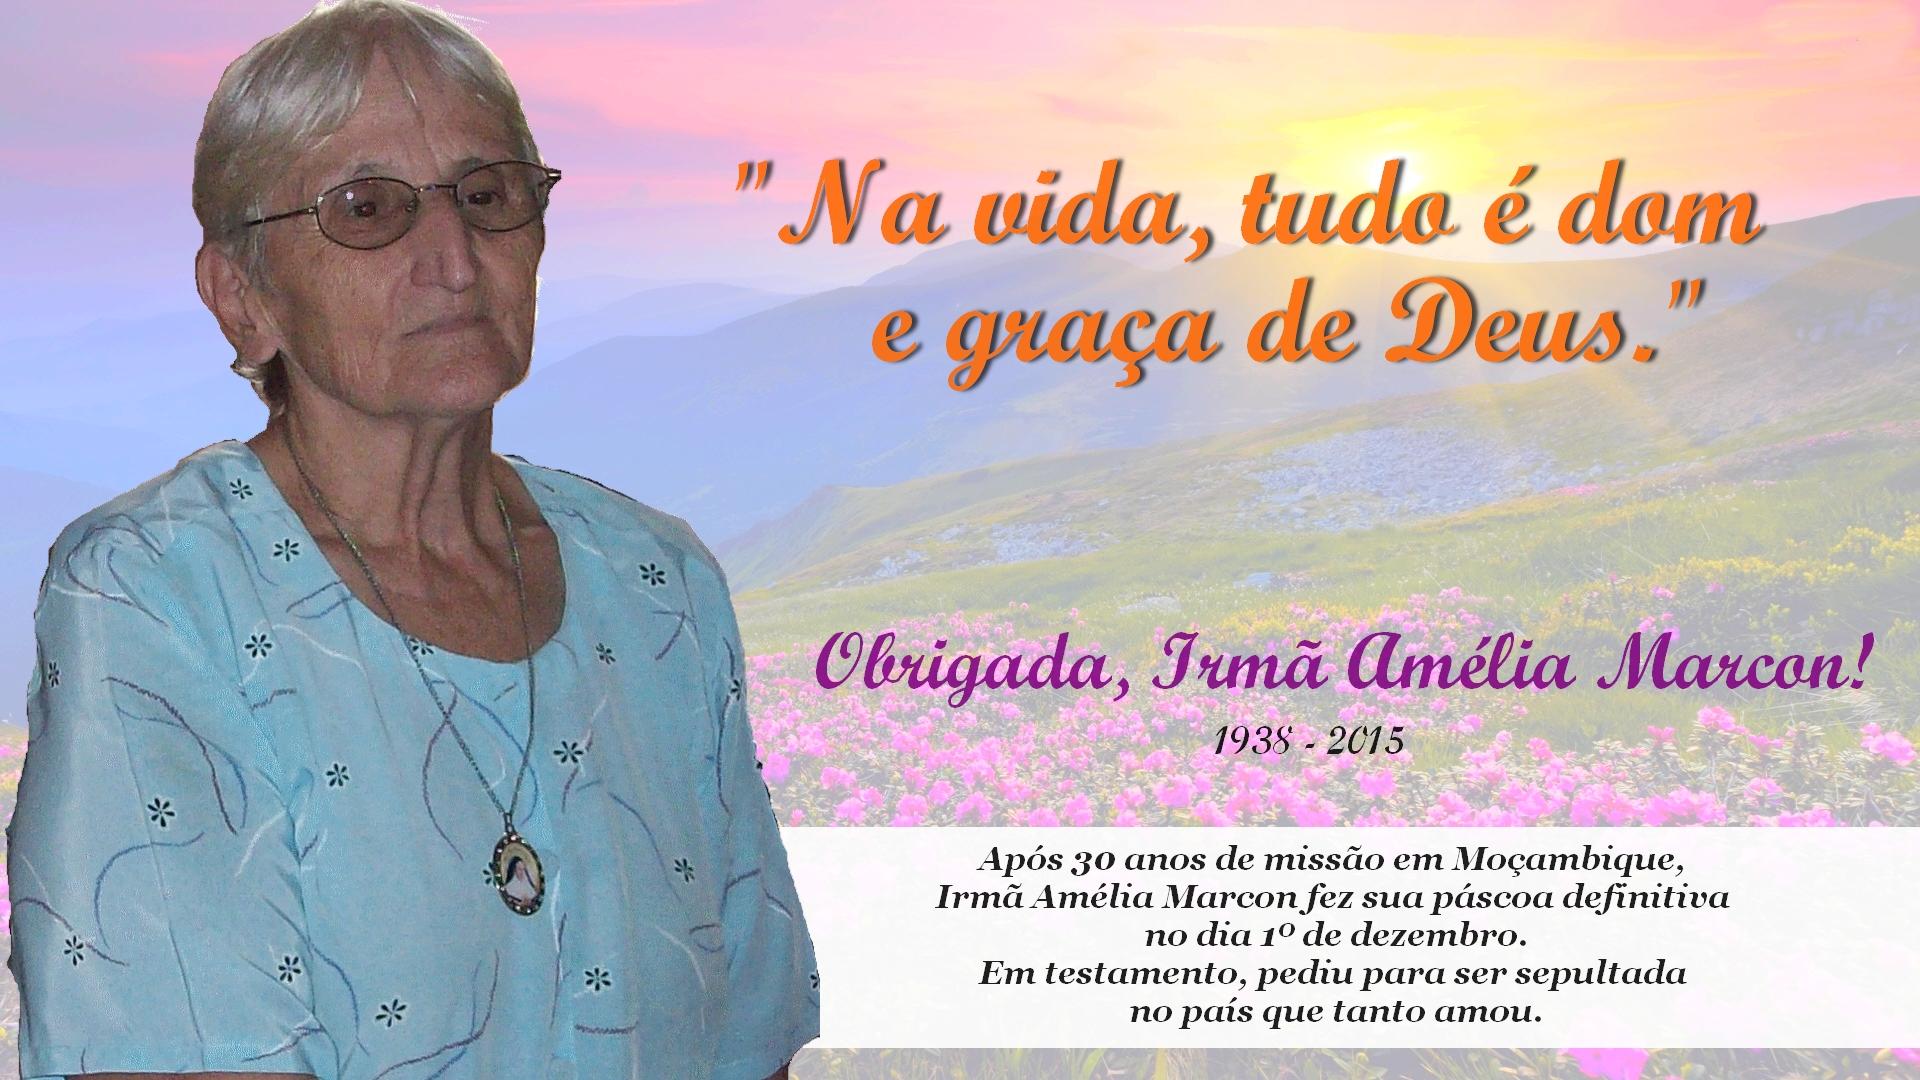 Religiosa foi uma das primeiras missionárias brasileiras em Moçambique.